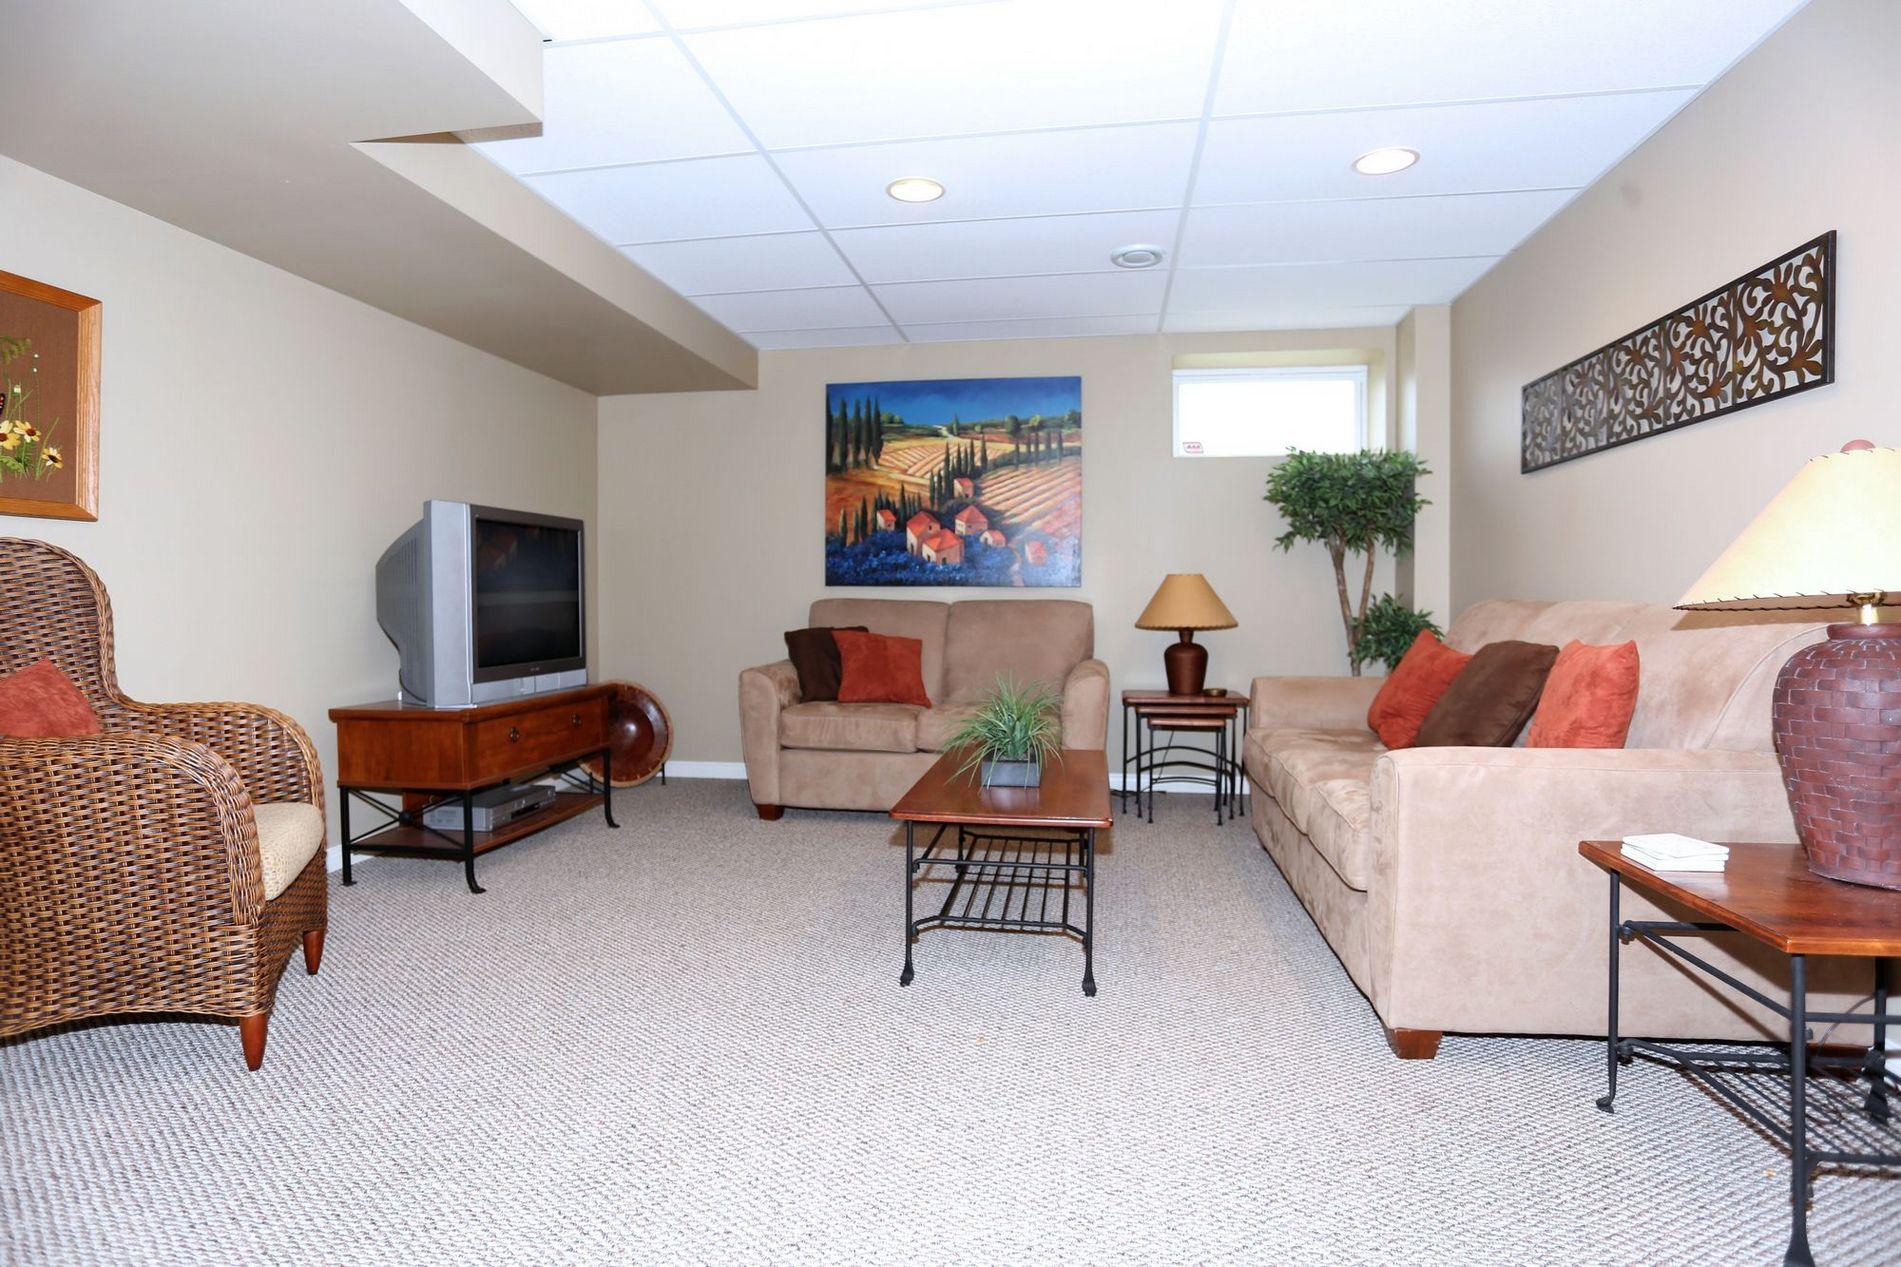 33-472 Templeton Ave, Winnipeg, Manitoba  R2V 4Y8 - Photo 17 - 1623525